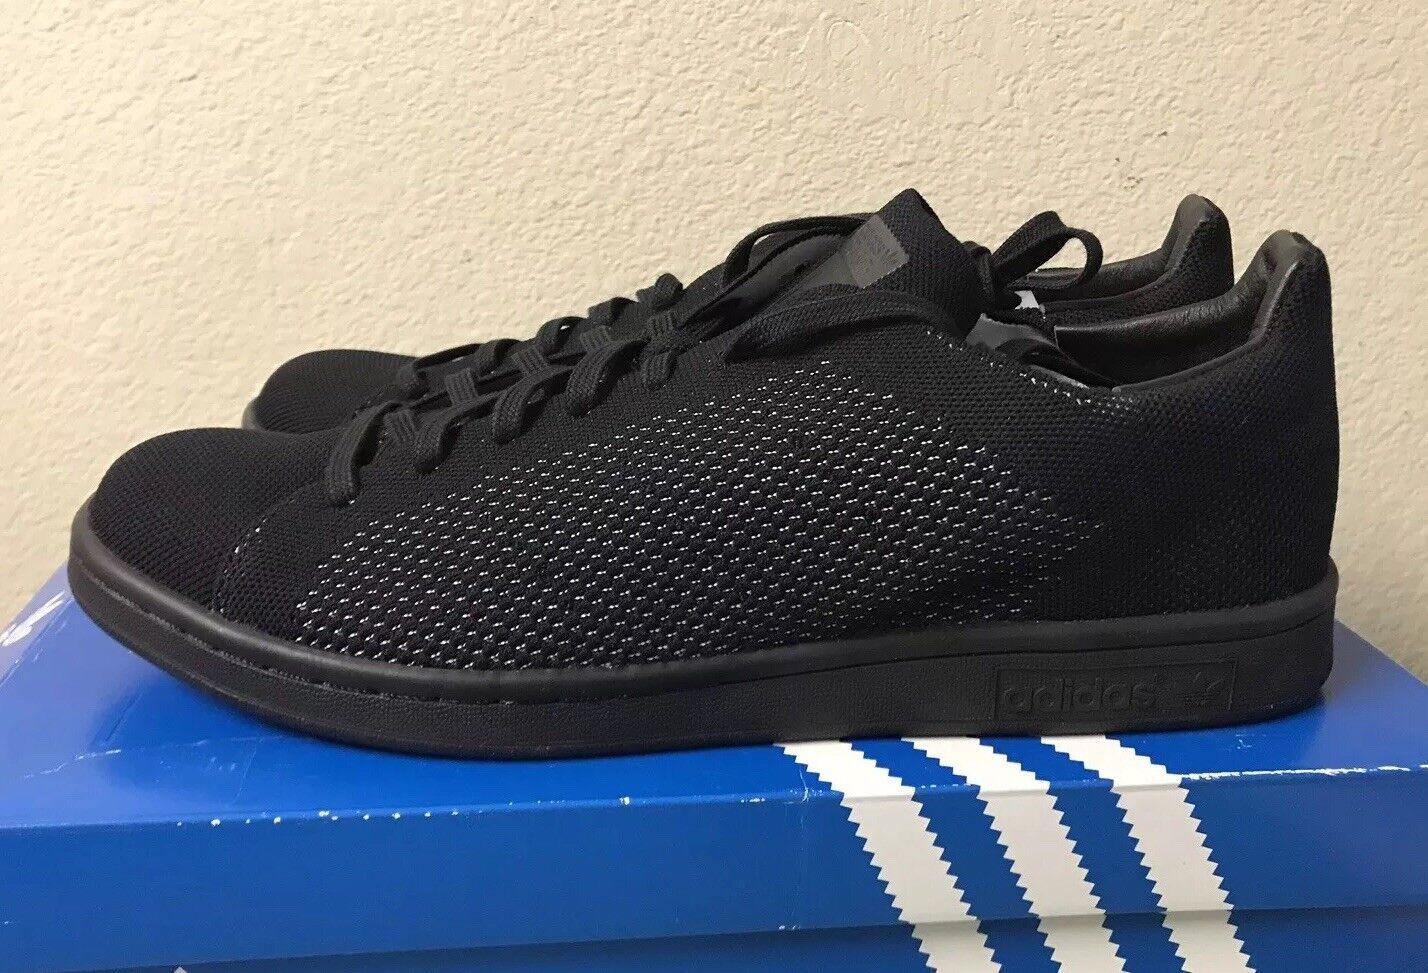 Adidas Stan Smith PK Primeknit Triple Black Mens Sz 10 Sneakers S80065 NEW